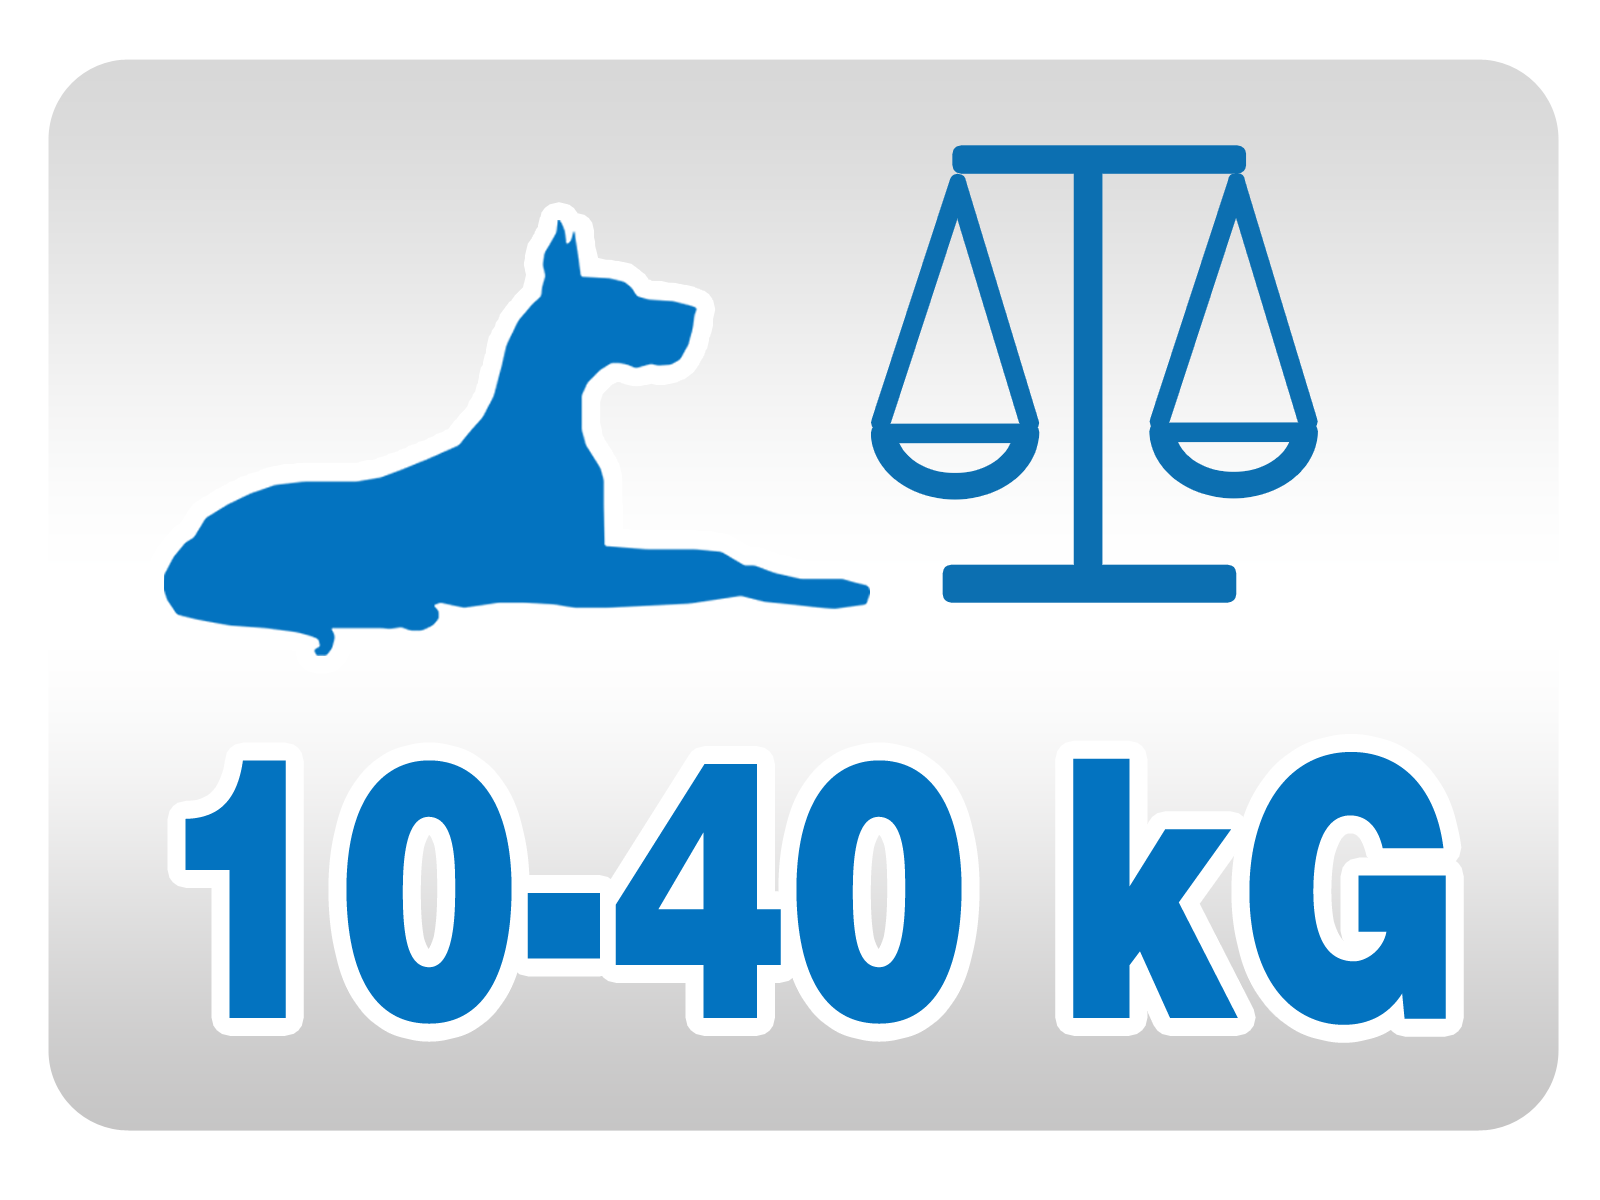 Sistem je namenjen srednje velikim in velikim psom